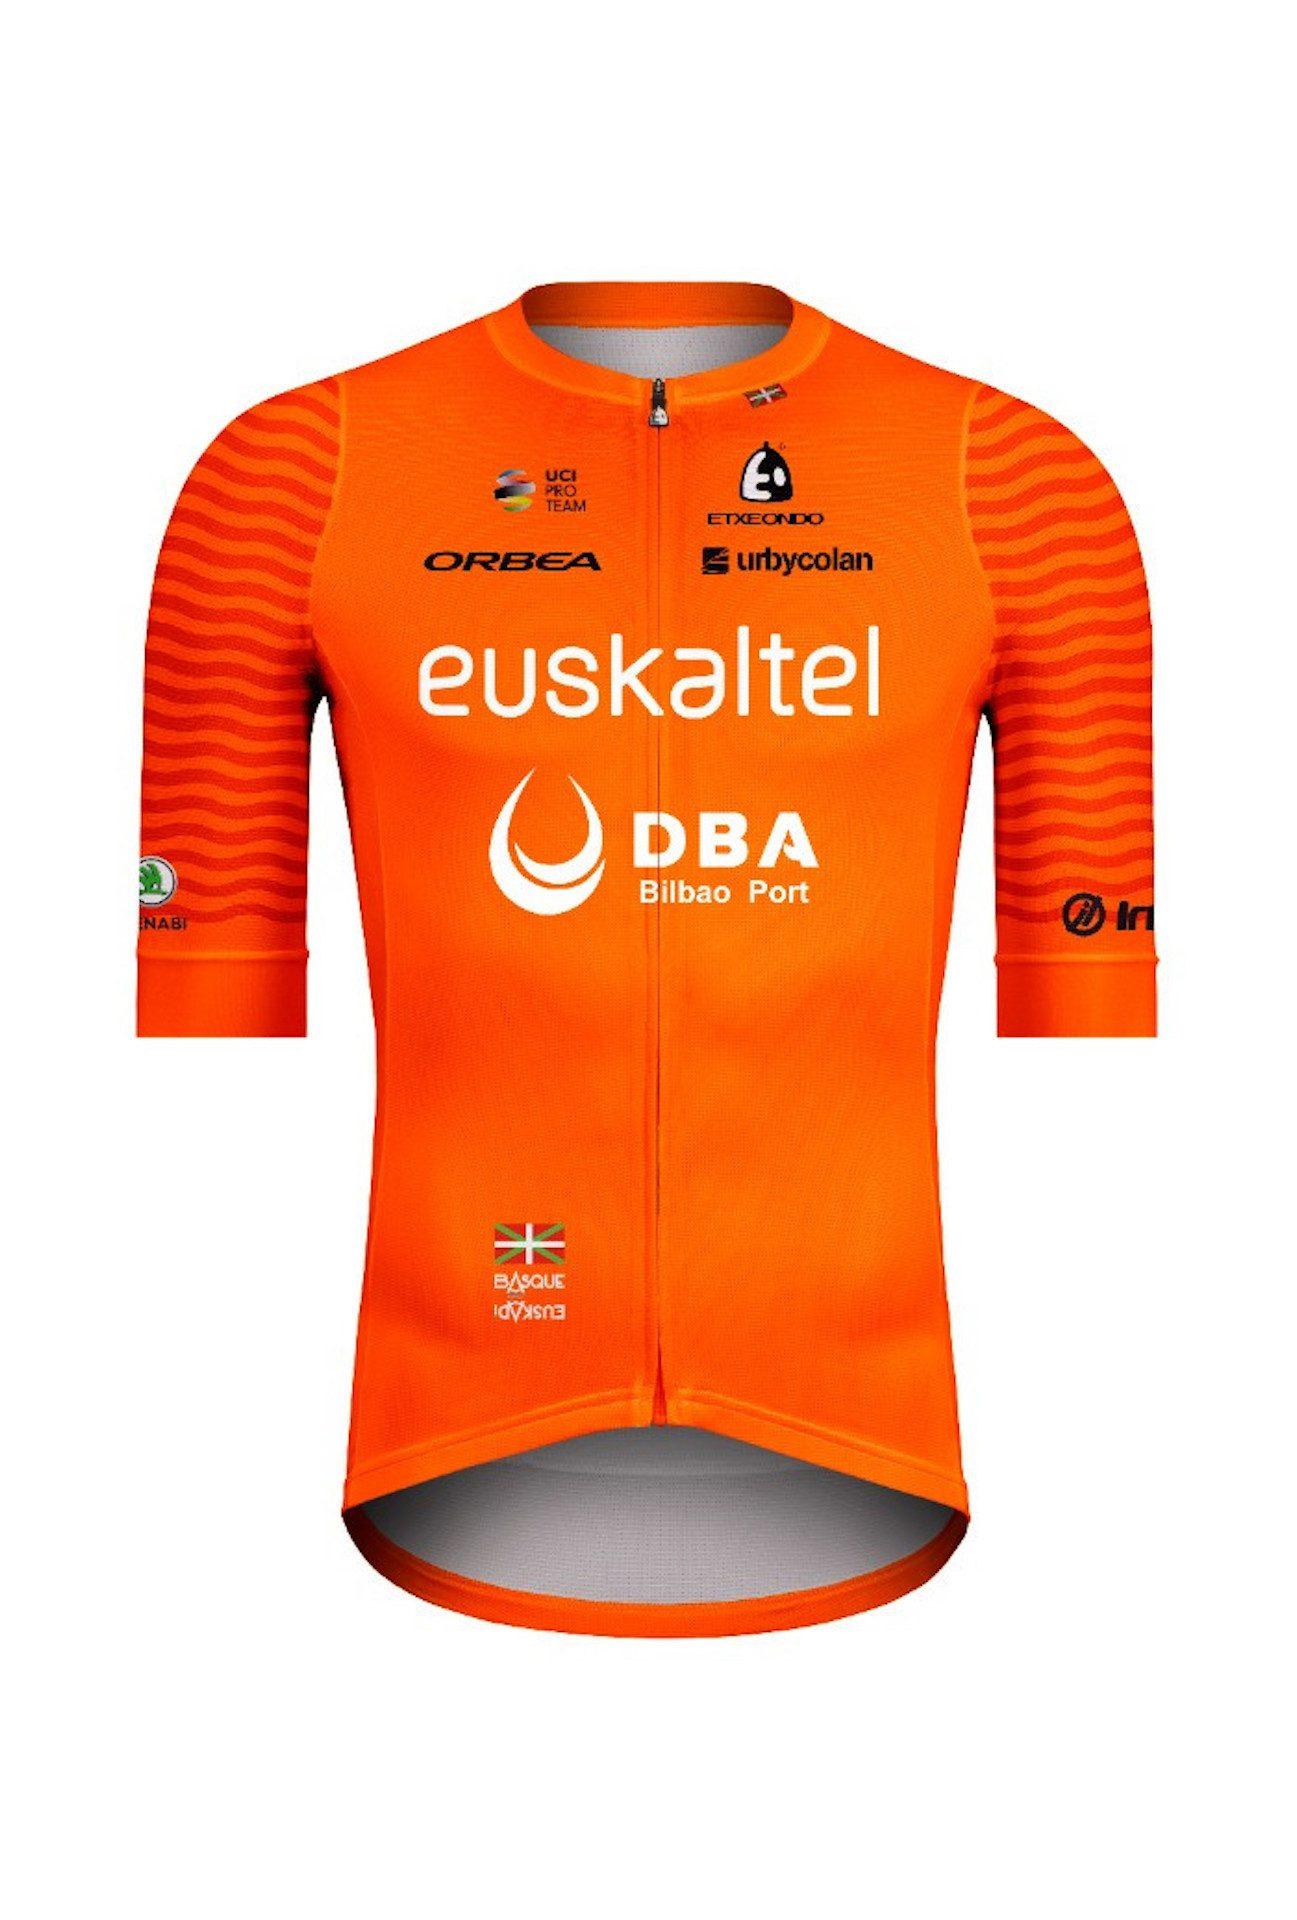 Euskaltel-Euskadi 2021 Orbea